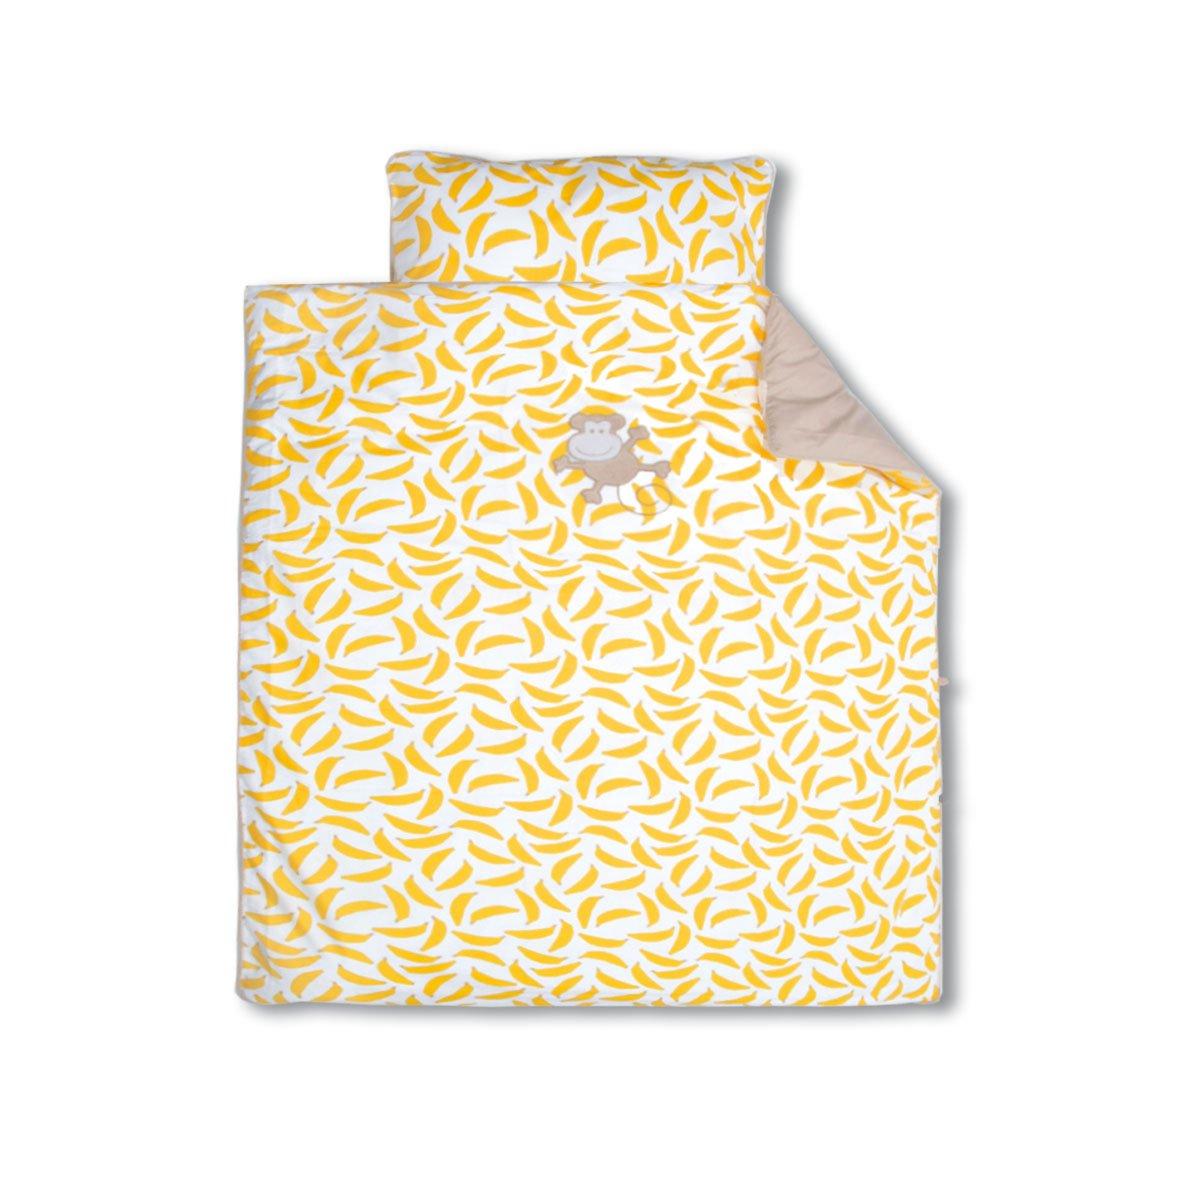 Baby Boum 80 x 80cm 100% Cotton Appliquéd Cradle Duvet Set (Gimik Monkey Collection, Yellow) Little Helper 100GIMIK32